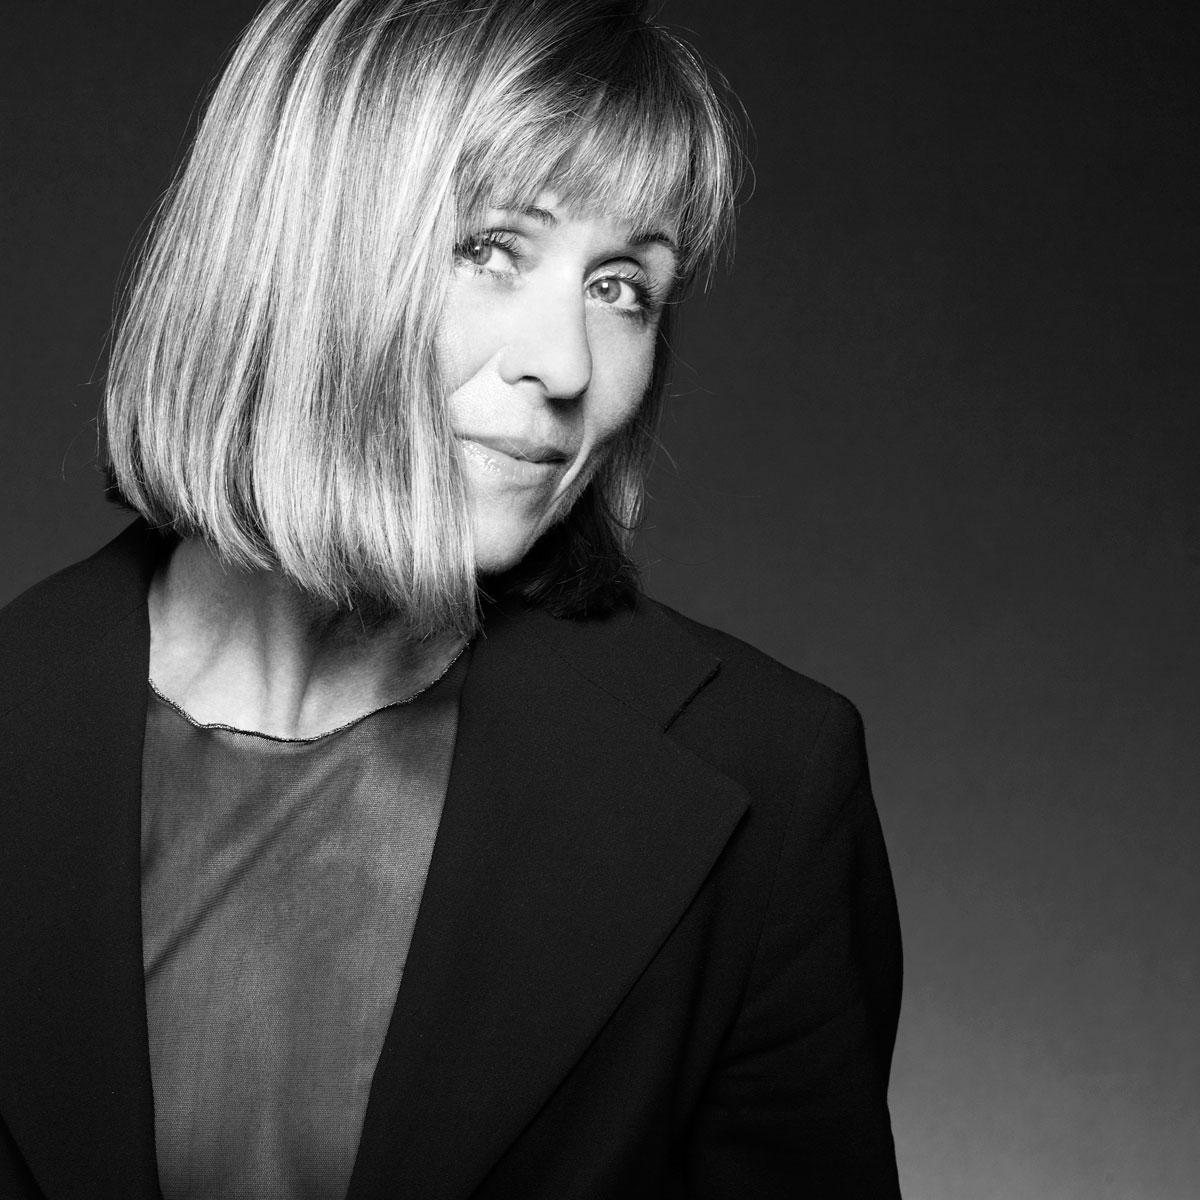 Künstlerfoto: Jazzsängerin Rosa Volpini.